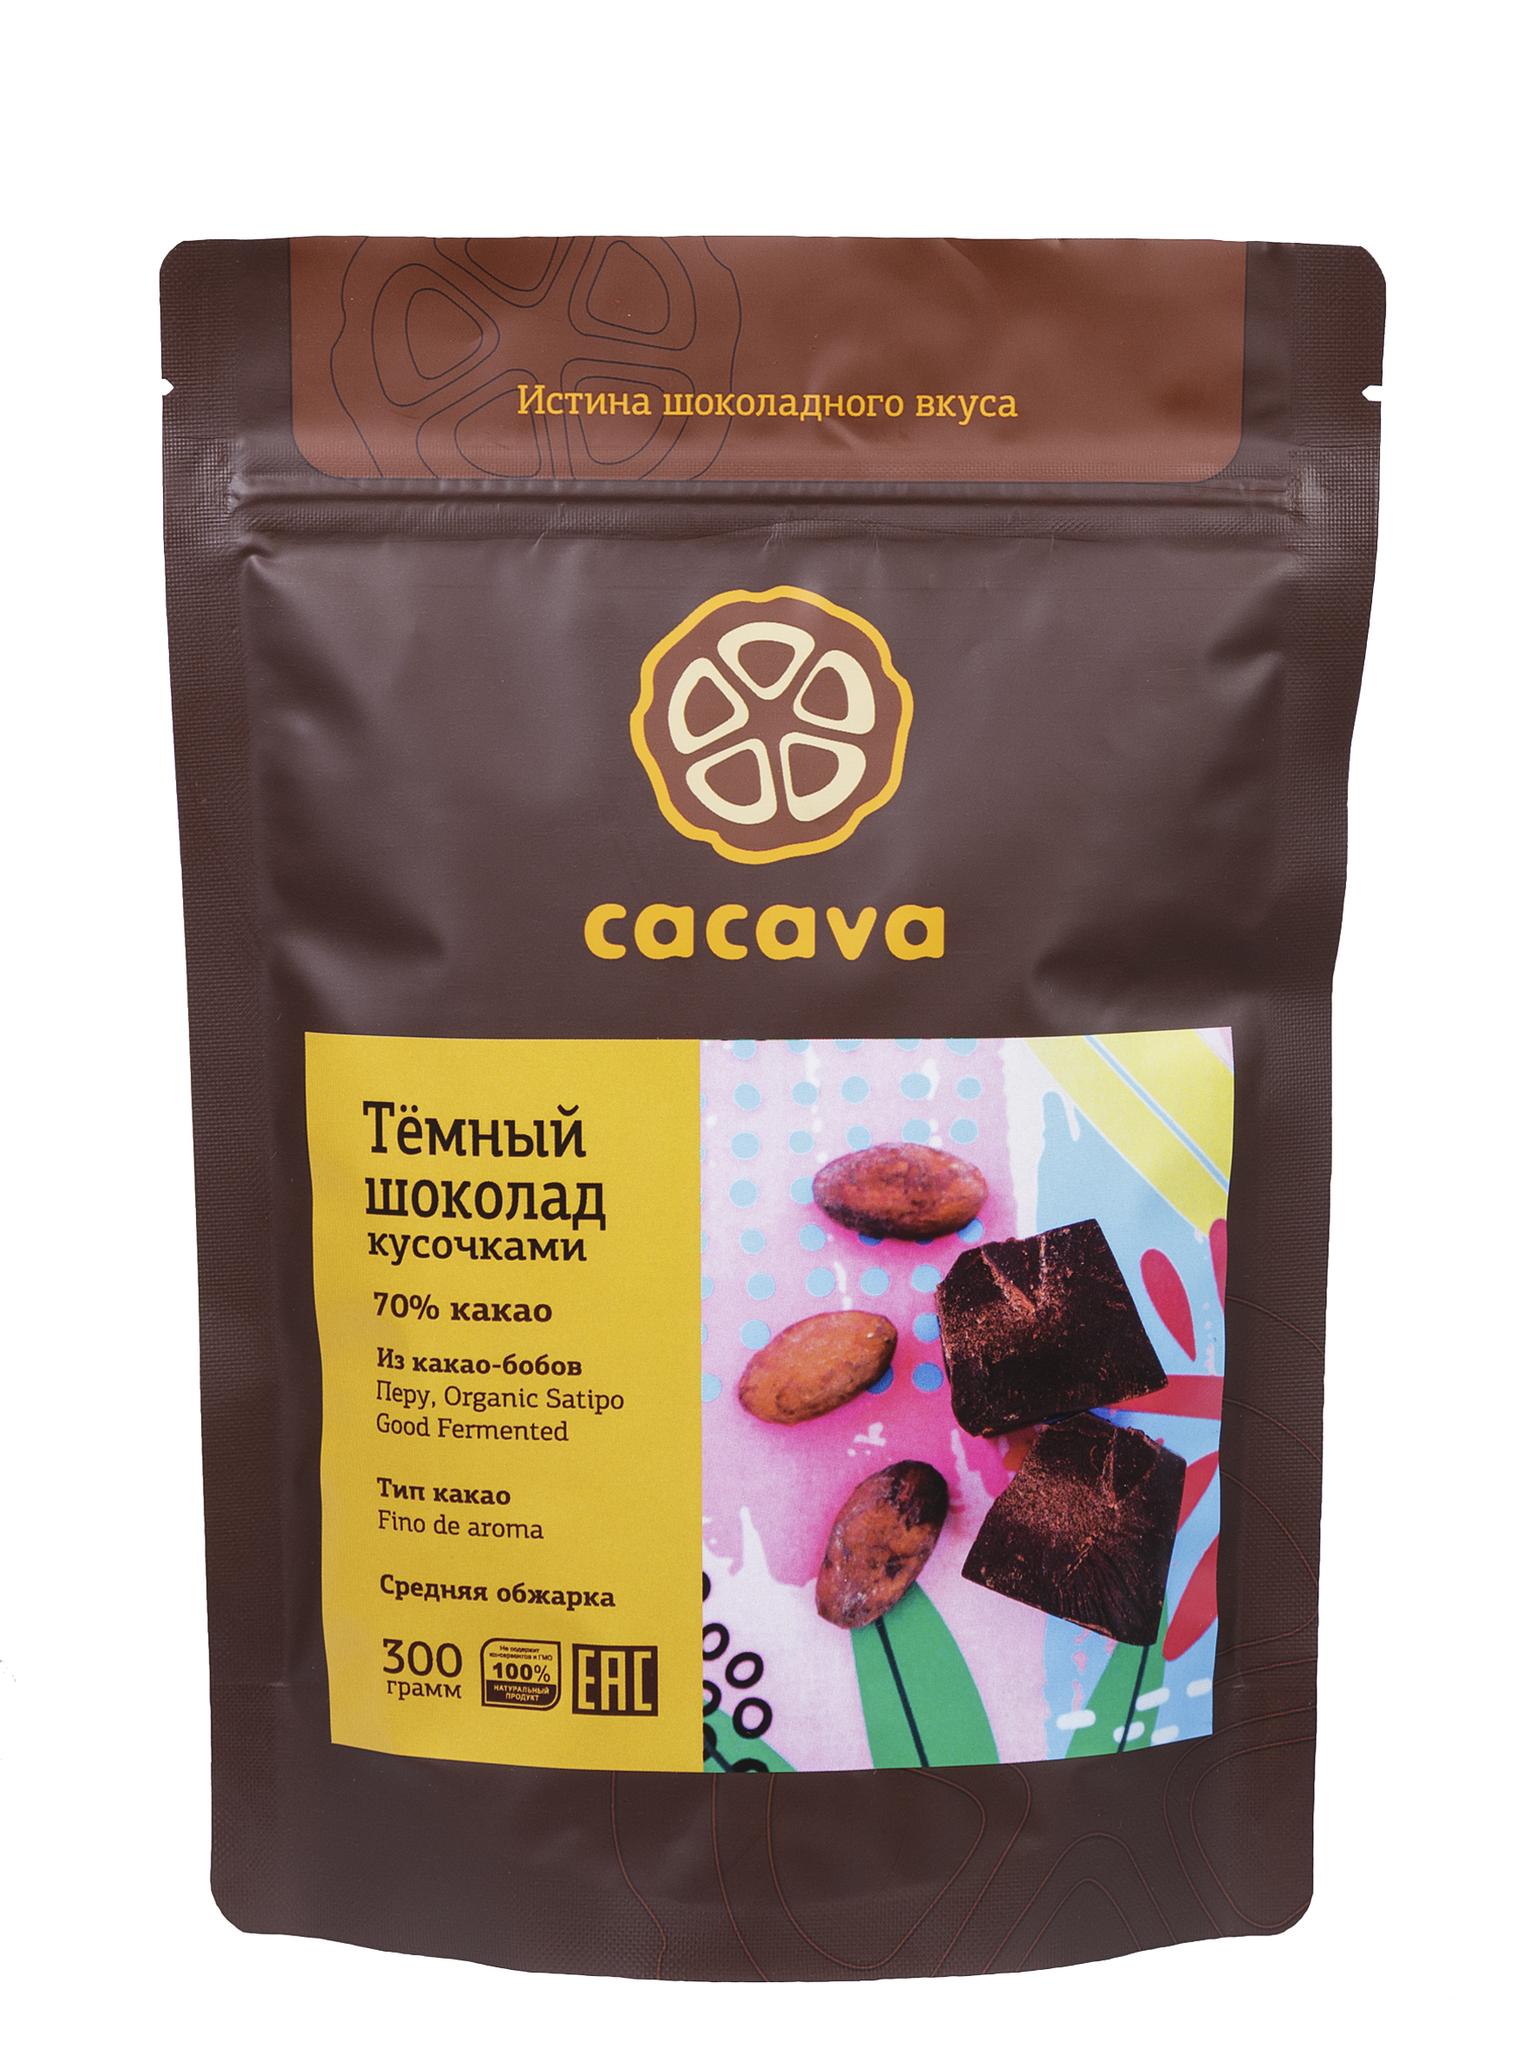 Тёмный шоколад 70 % какао (Перу, Good Fermented), упаковка 300 грамм